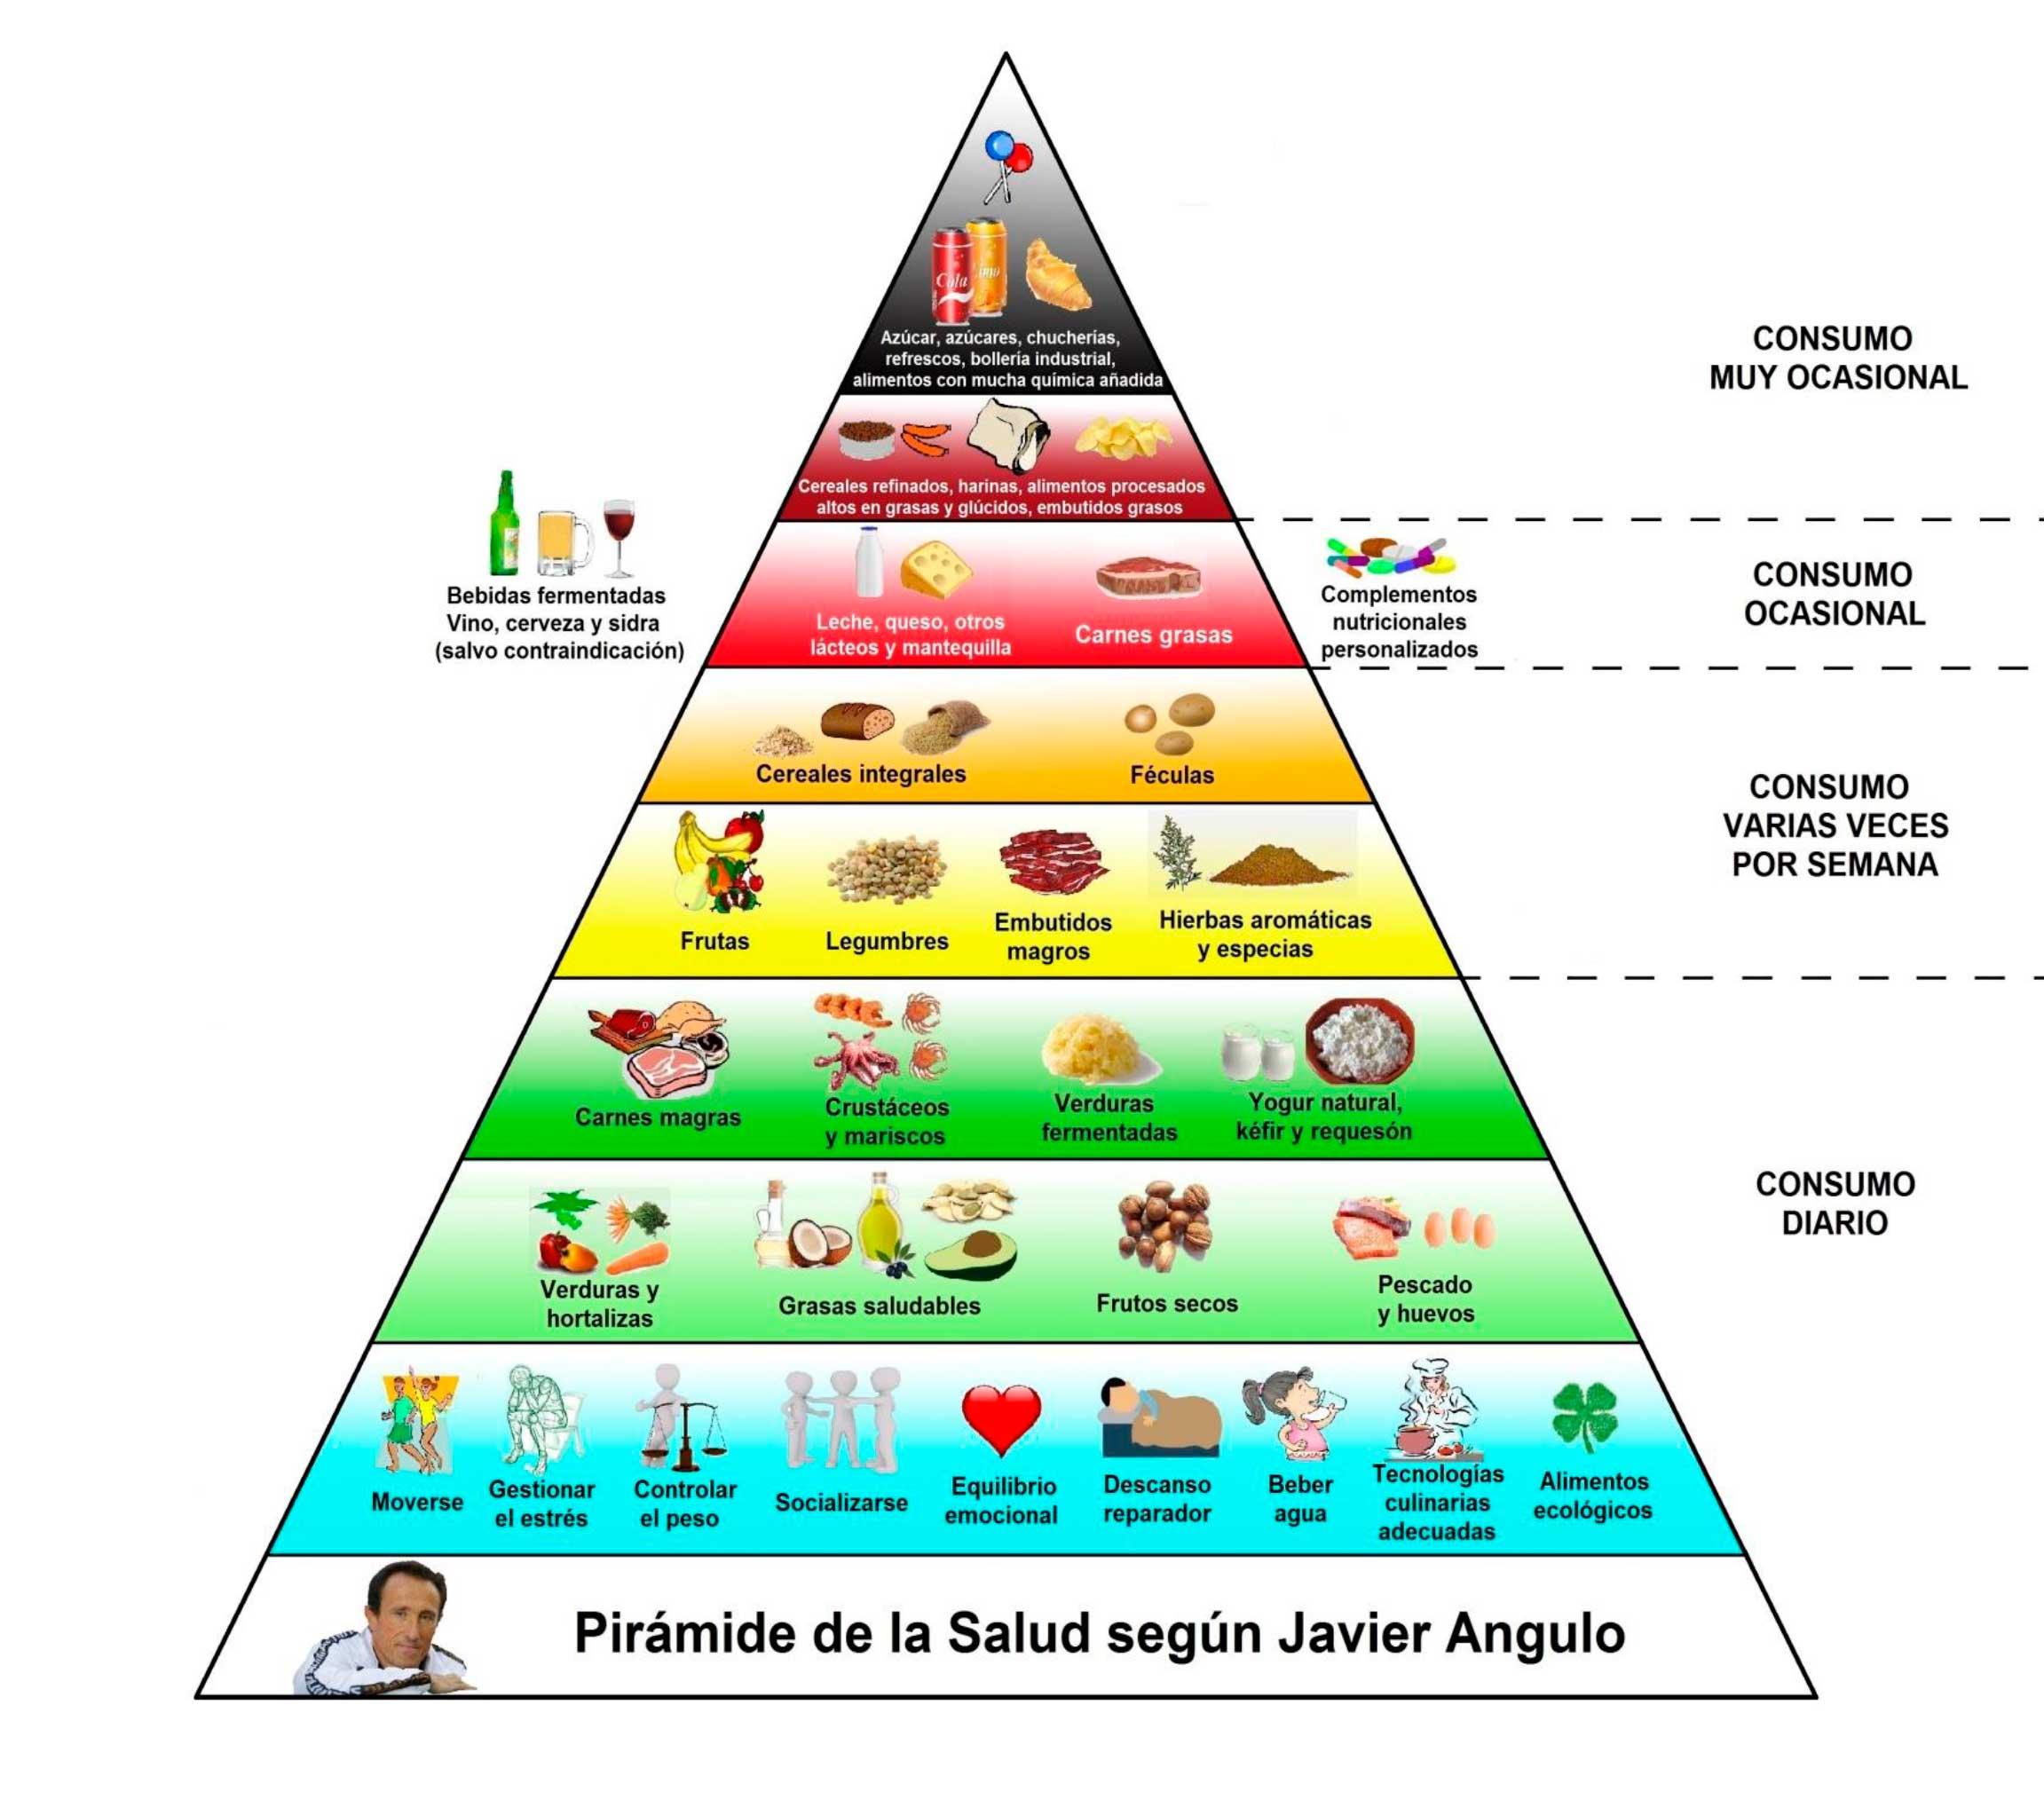 dieta disociada los embutidos a que grupo pertenece